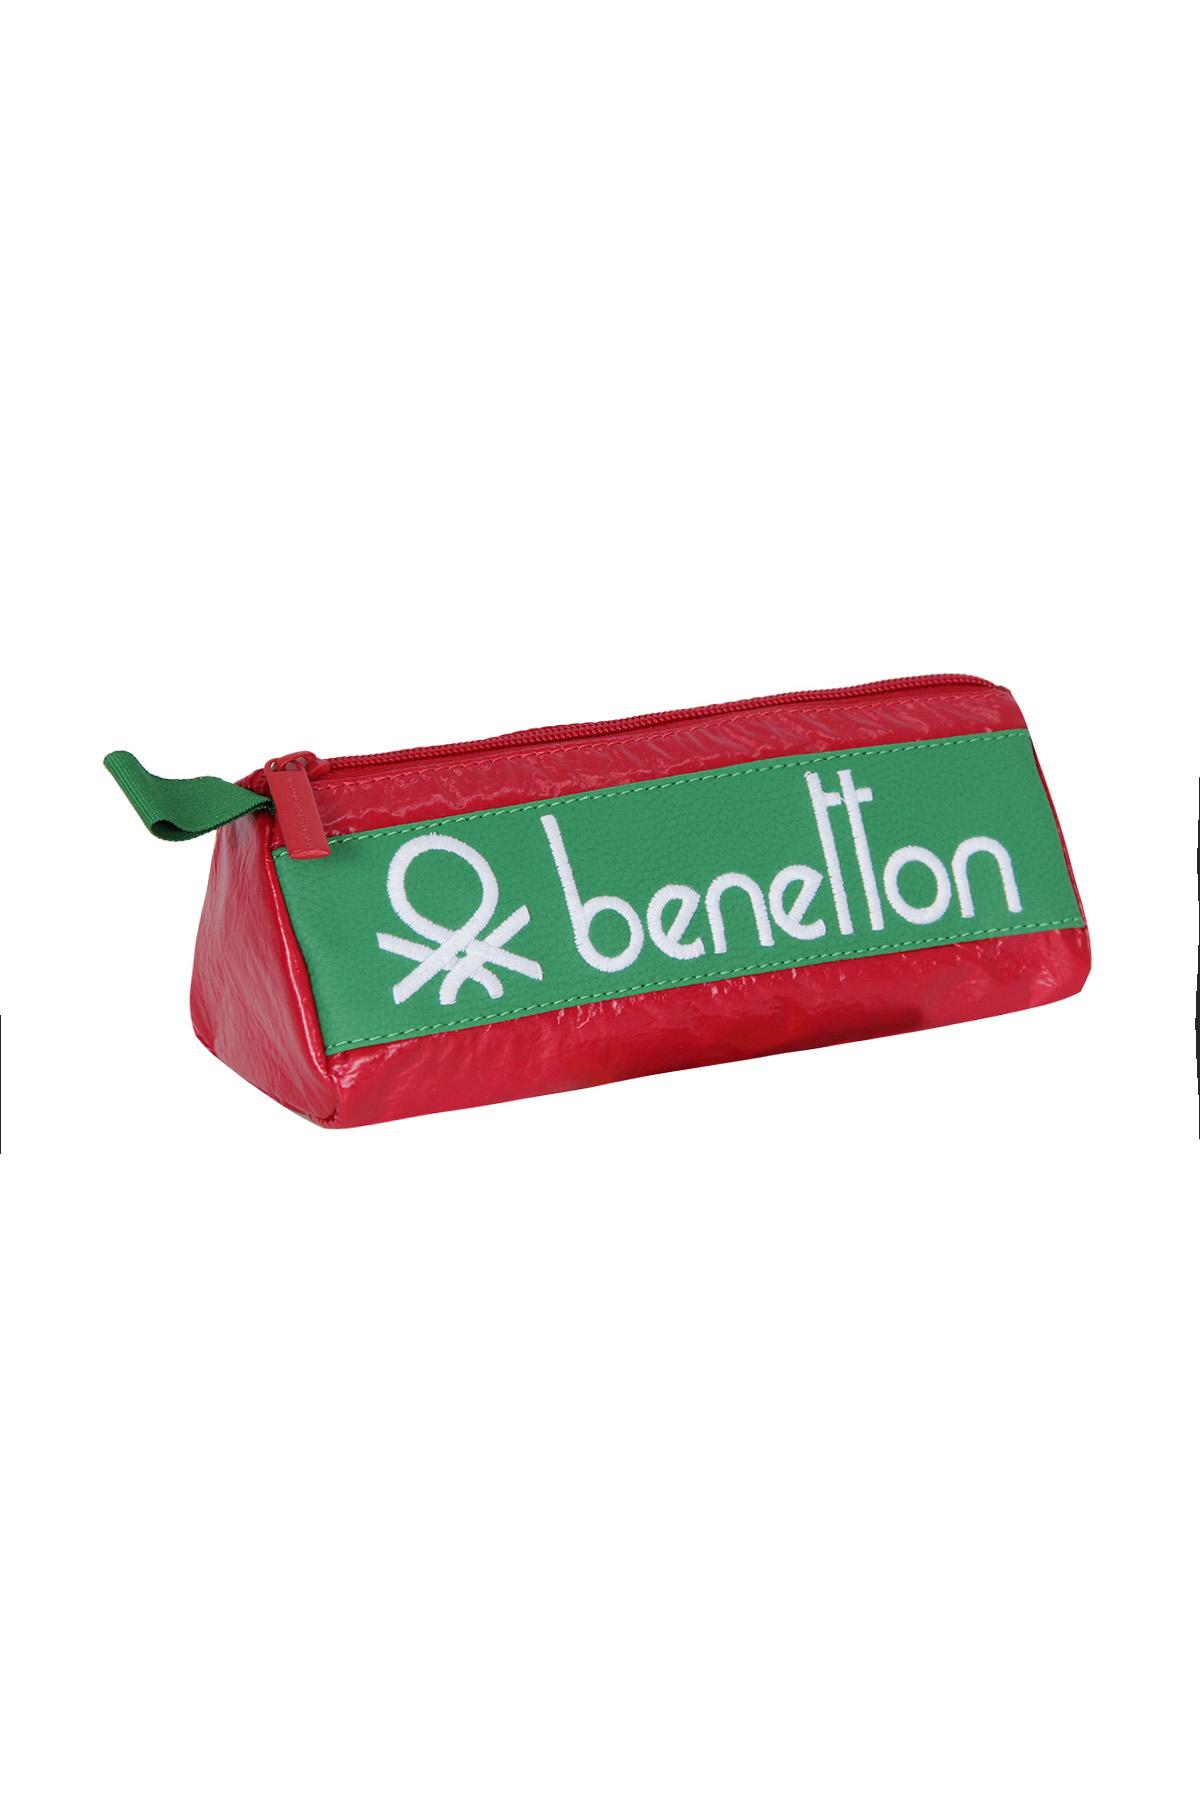 United Colors of Benetton 2021 Yeni Sezon Tek Gözlü Kalem Kutu Kırmızı 70115